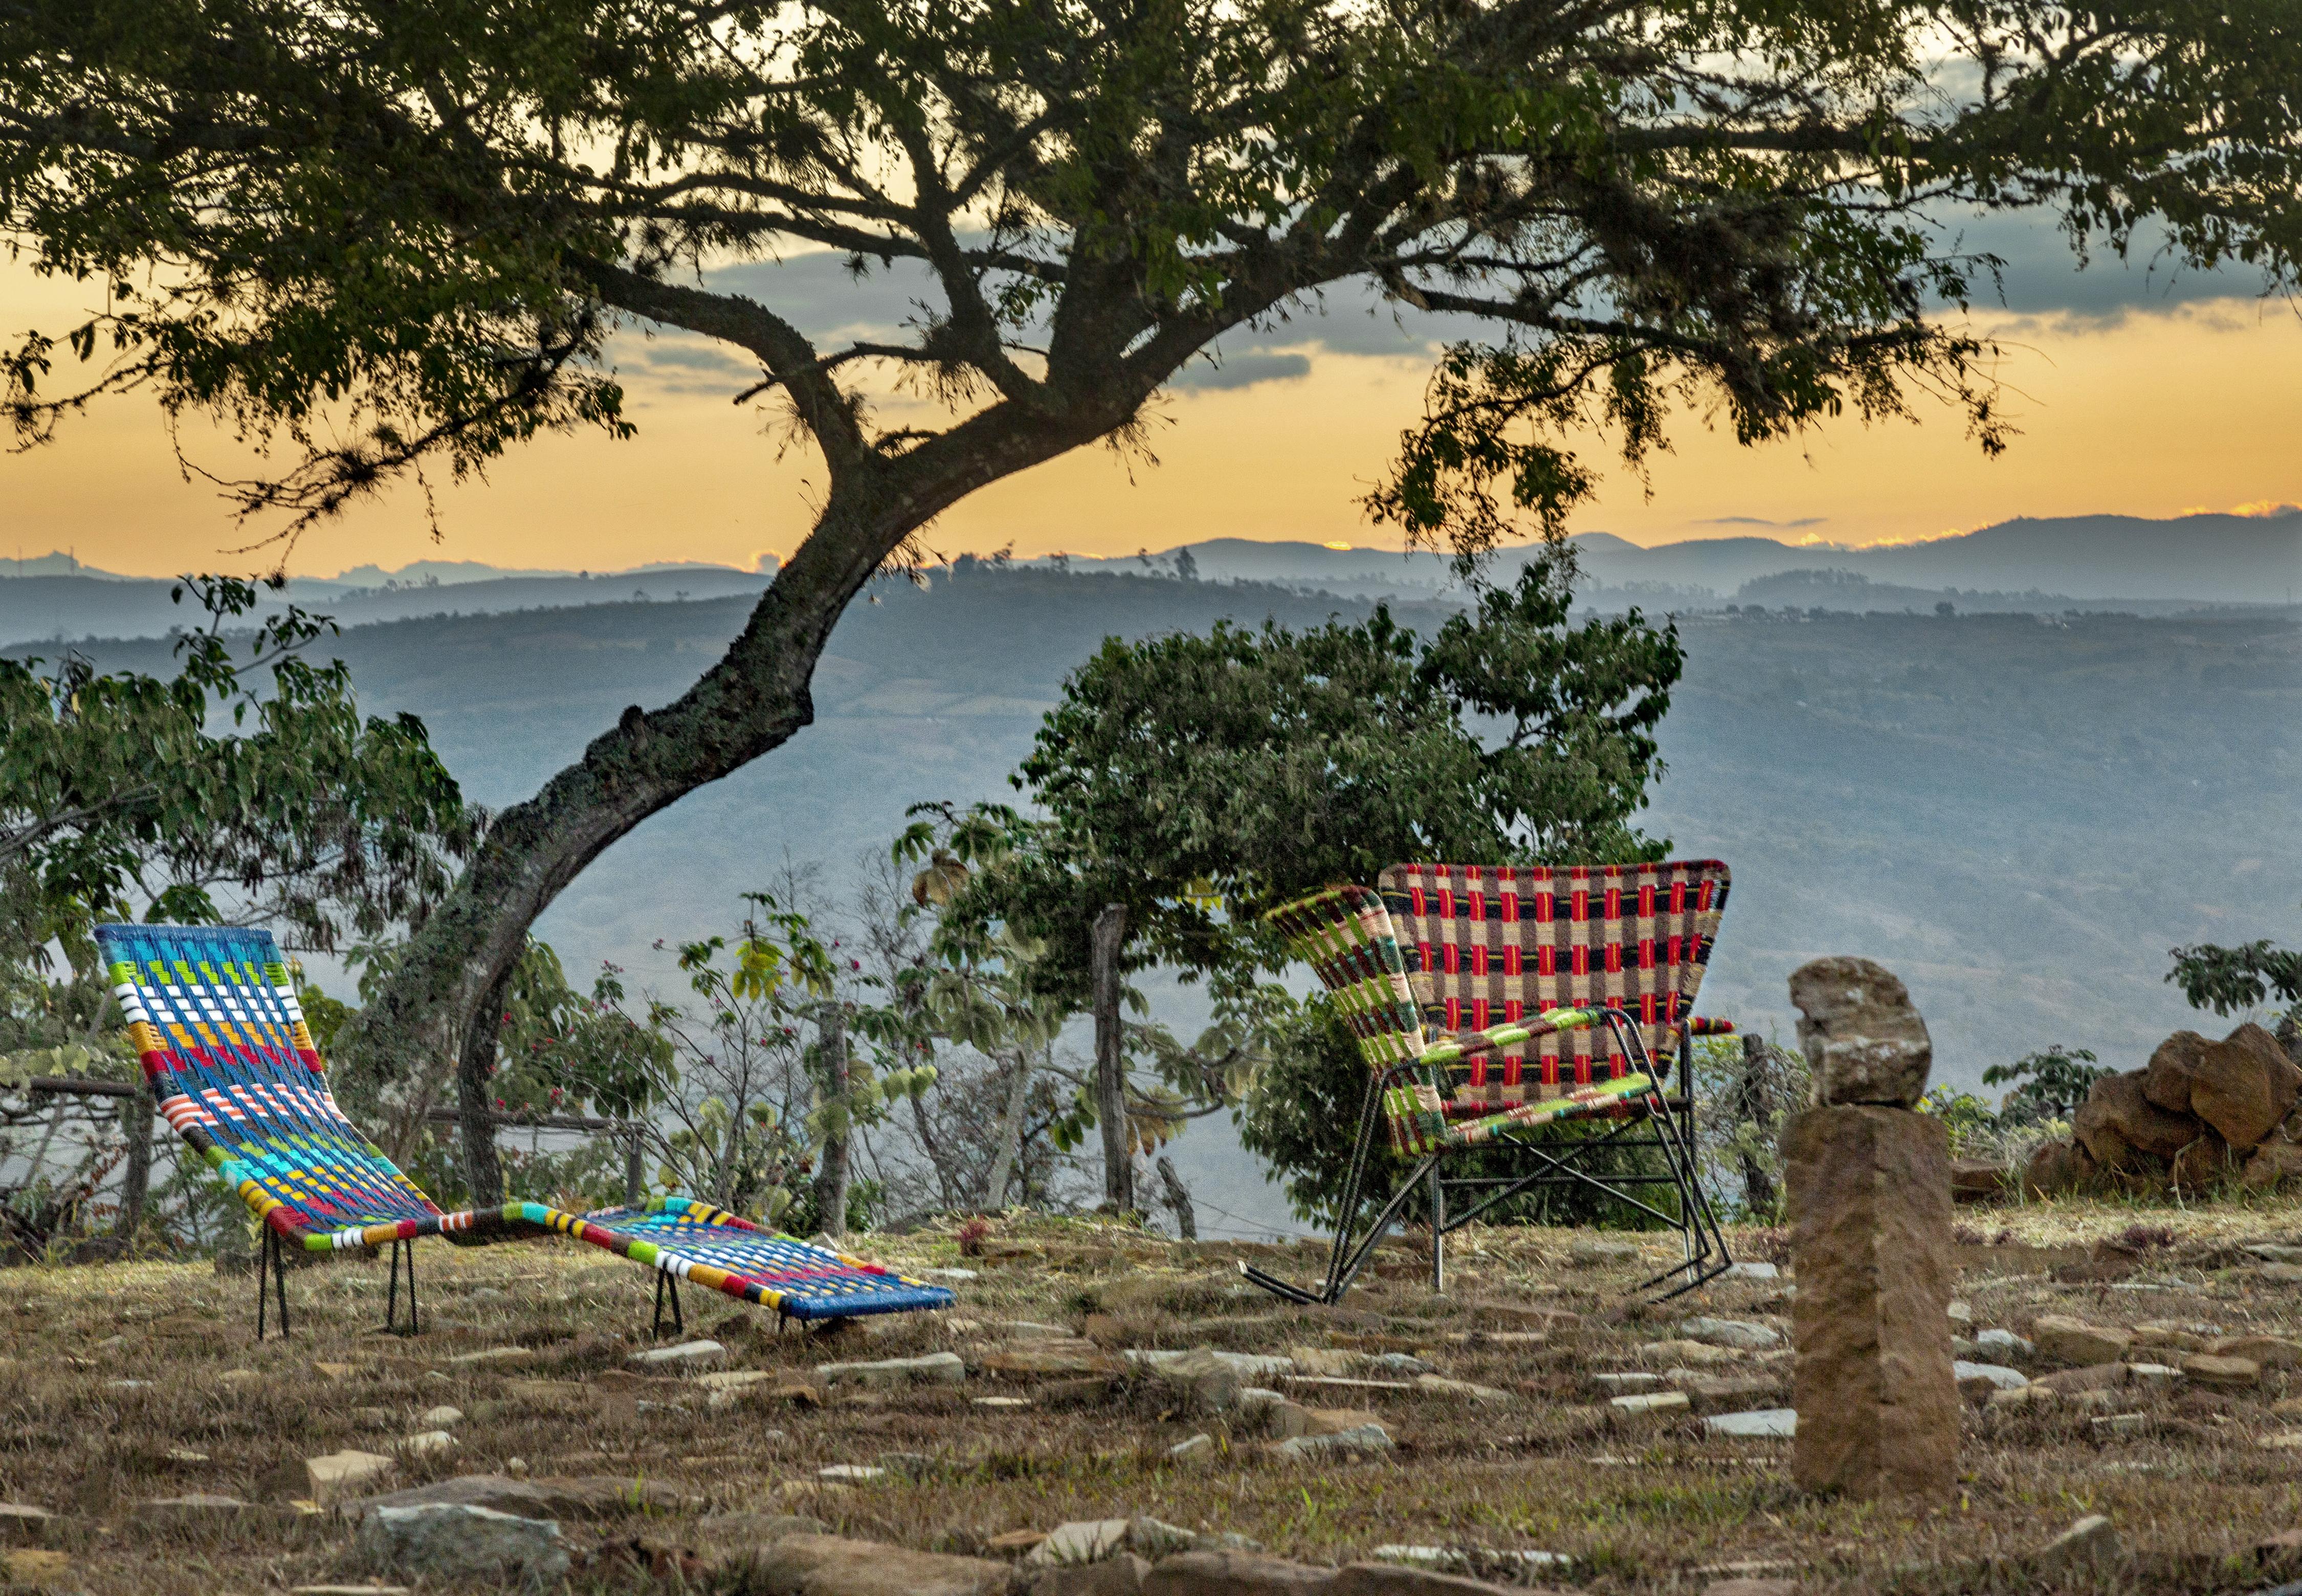 <a href='https://revistaaxxis.com.co/diseno/artesanos-colombianos-marni-farfatech-diseno-coleccion/'><h2>Artesanos colombianos se unen a Marni para lanzar una colección de mueblería y objetos de hogar</h2>ZOOTERICO es una colección única de la mano de artesanos colombianos que realizaron piezas tradicionales de mueblería exclusiva de diseño y otros objetos decorativos para el hogar inspirados en los signos zodiacales junto con la marca italiana Marni.</a>